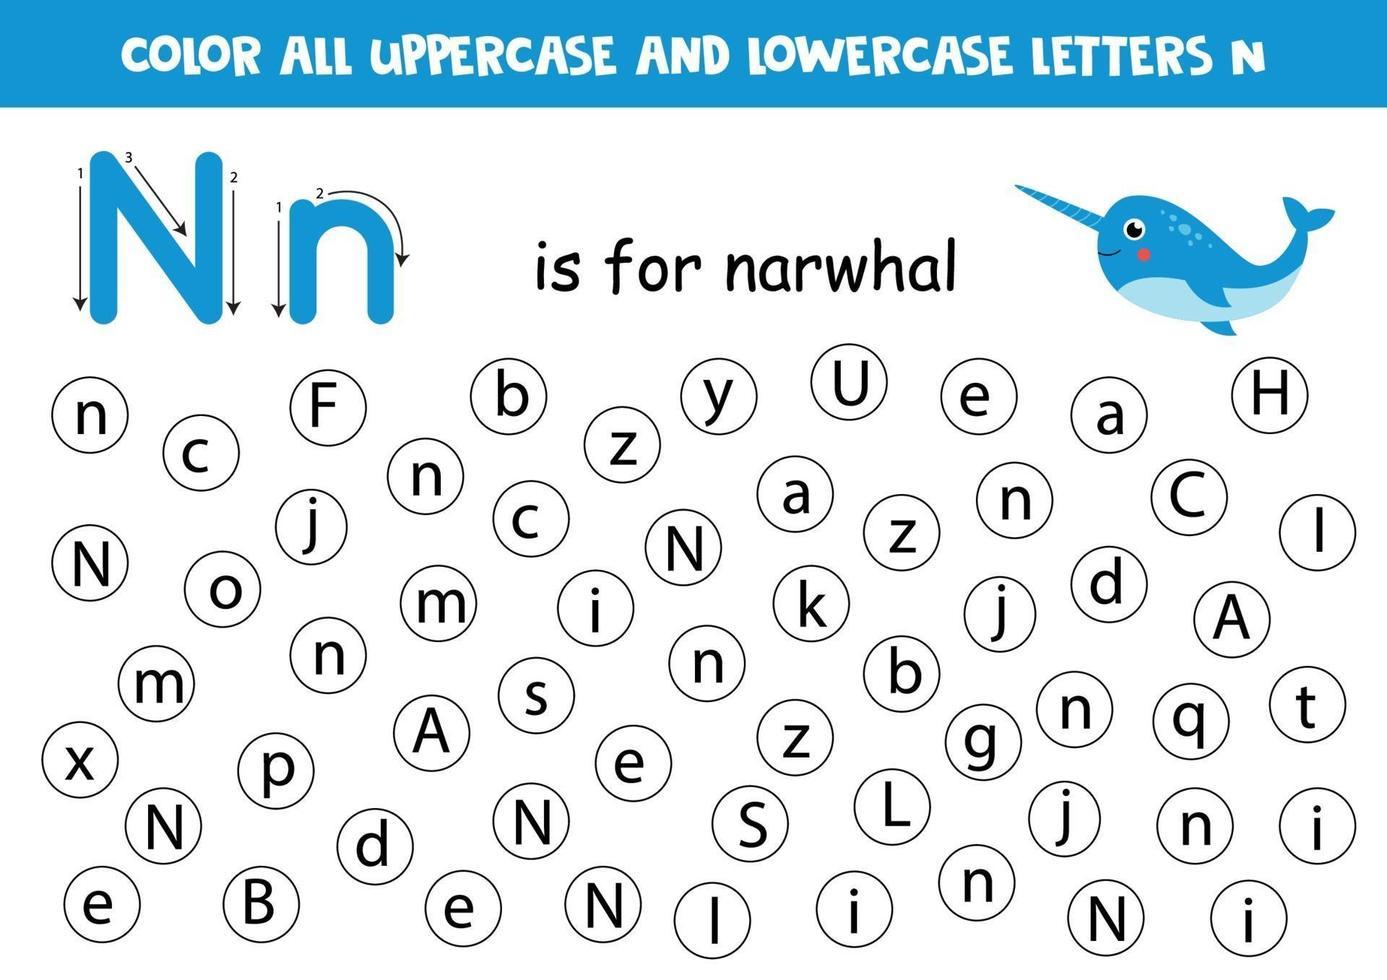 trova e colora tutte le lettere n. giochi di alfabeto per bambini. vettore